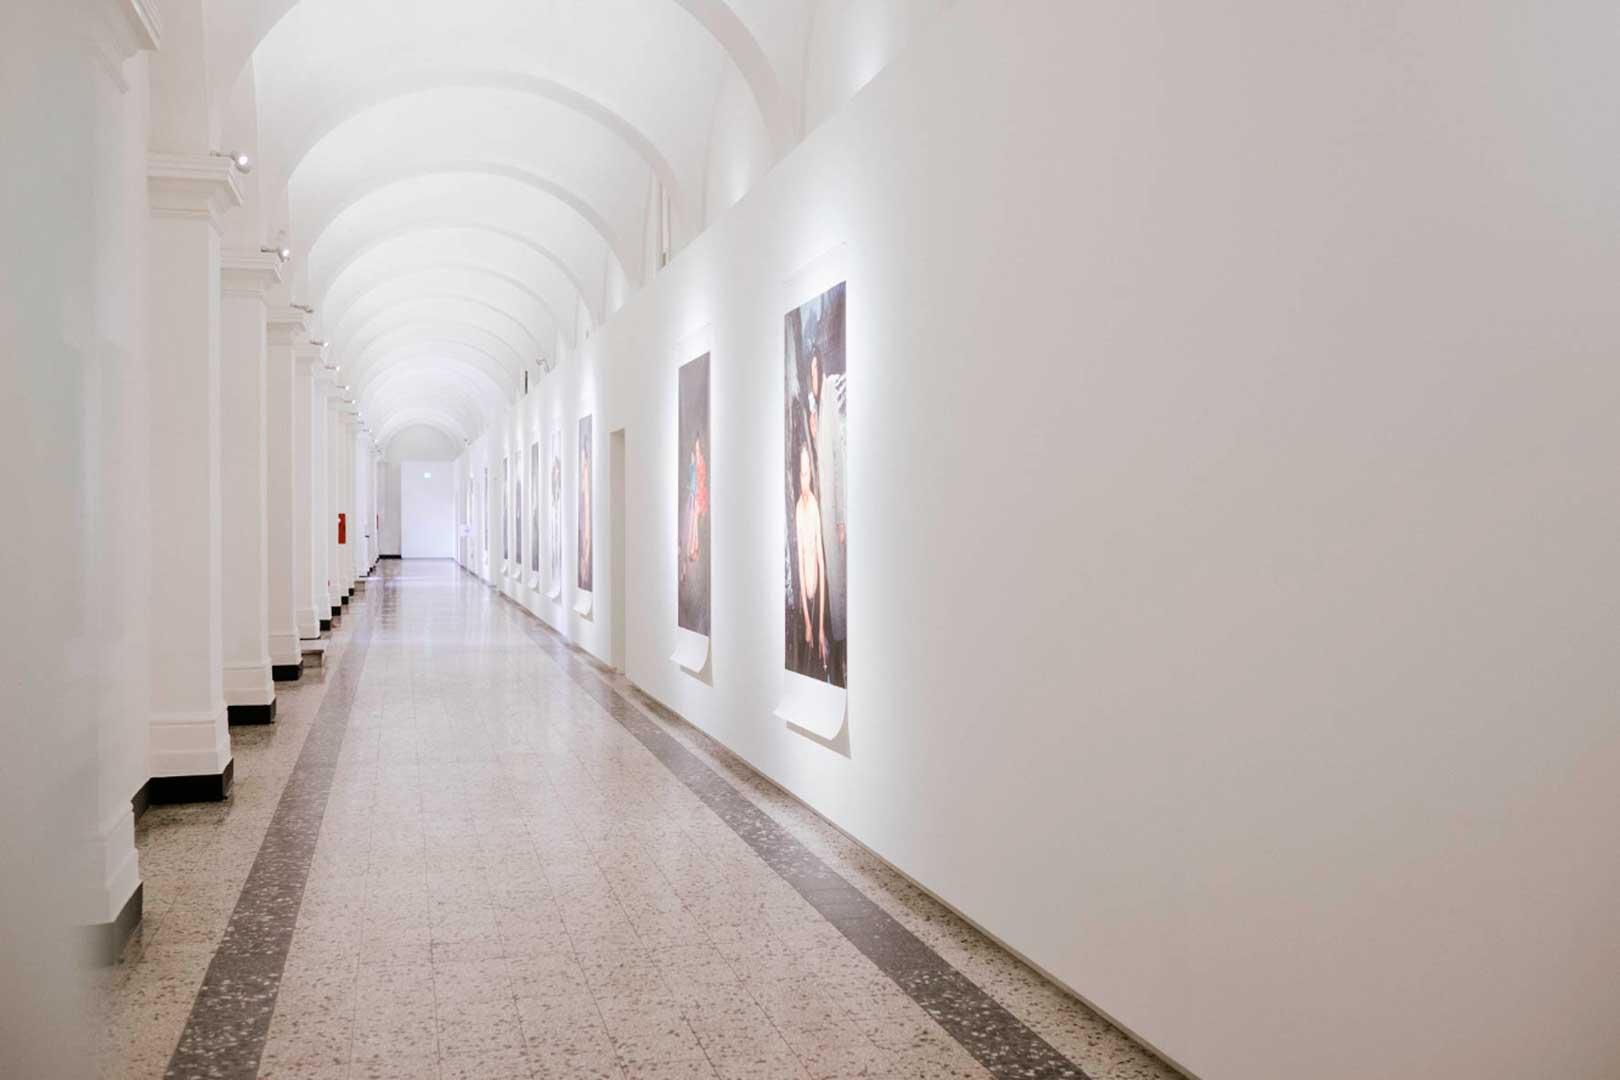 Camera della Fotografia - Torino